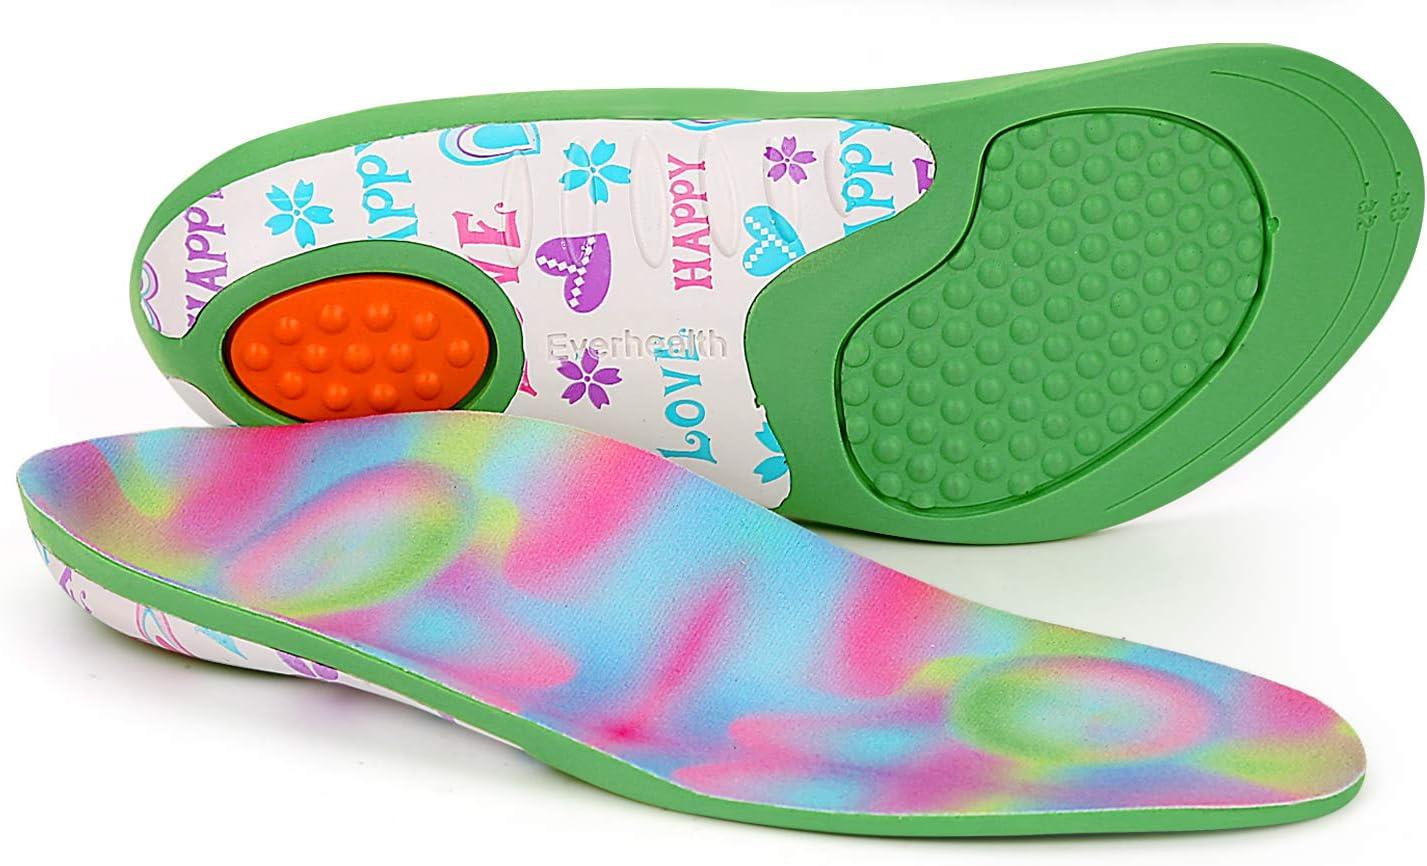 Plantillas para niños Insertos de zapatos Ortesis Comfort Arch Support, Suela interna que absorbe los golpes Cojines para el talón, Pies planos, Pronación por debajo/por encima (32-34 EU)